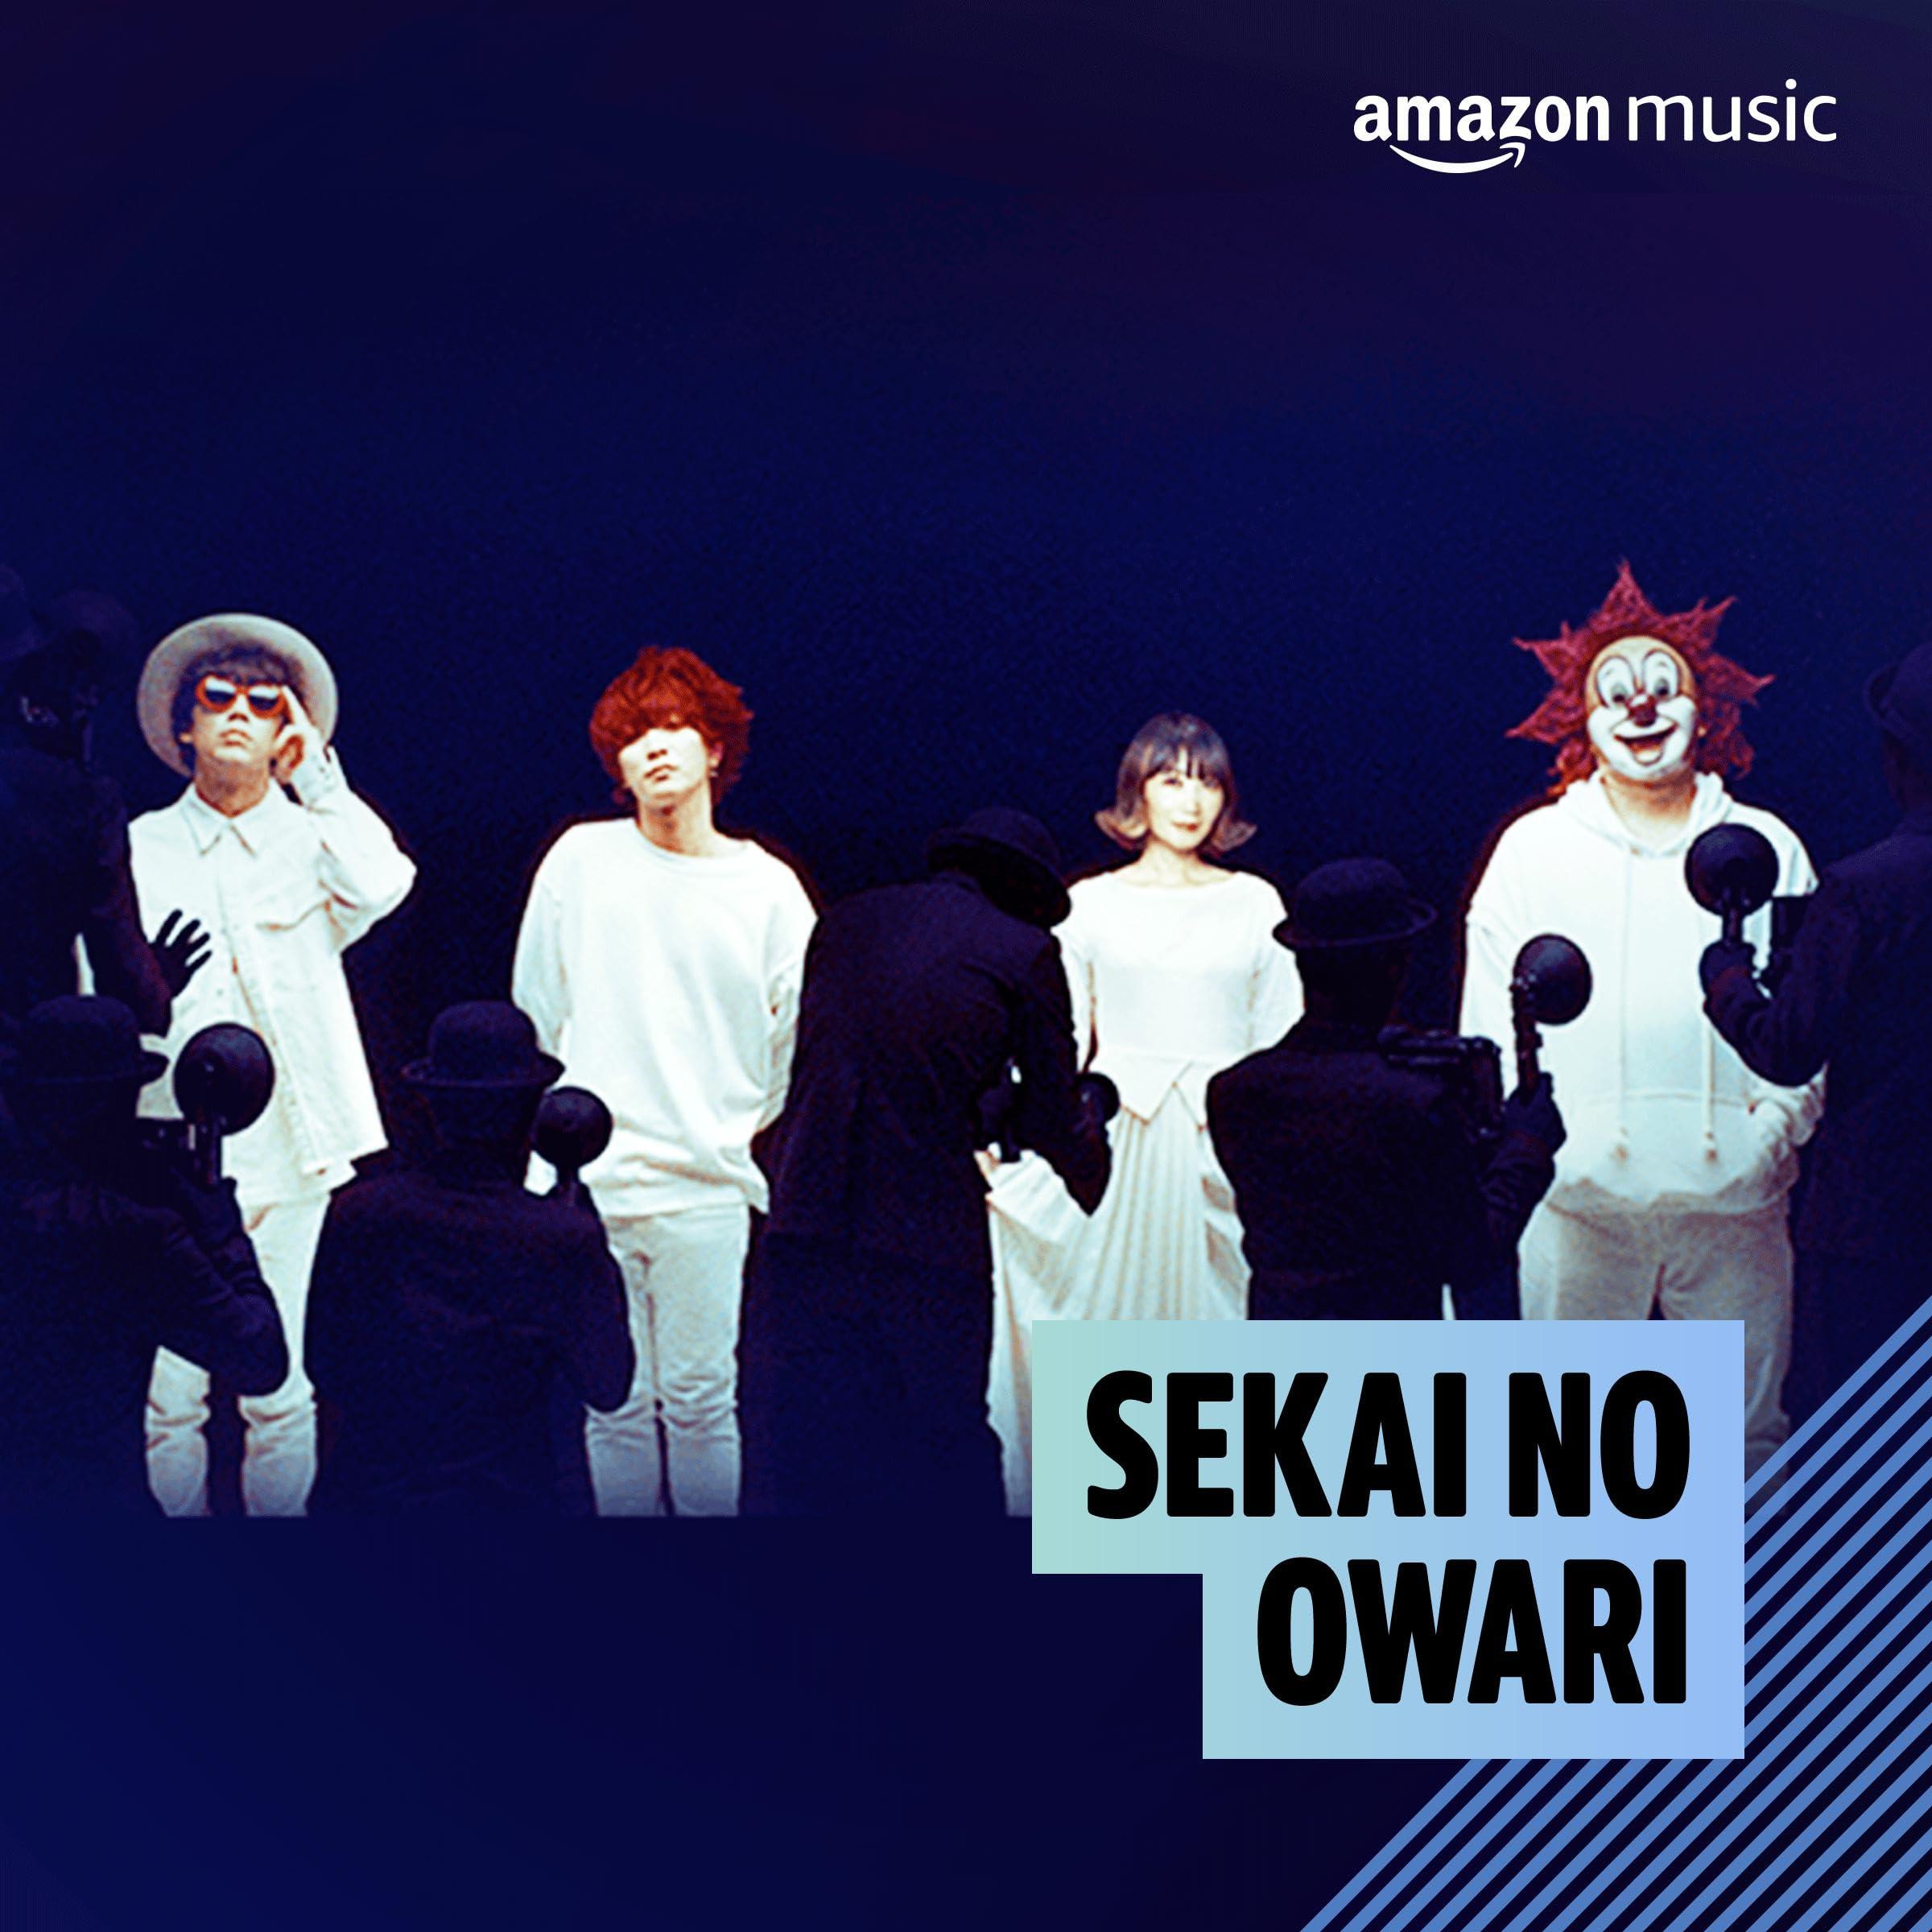 SEKAI NO OWARIを聴いているお客様におすすめ